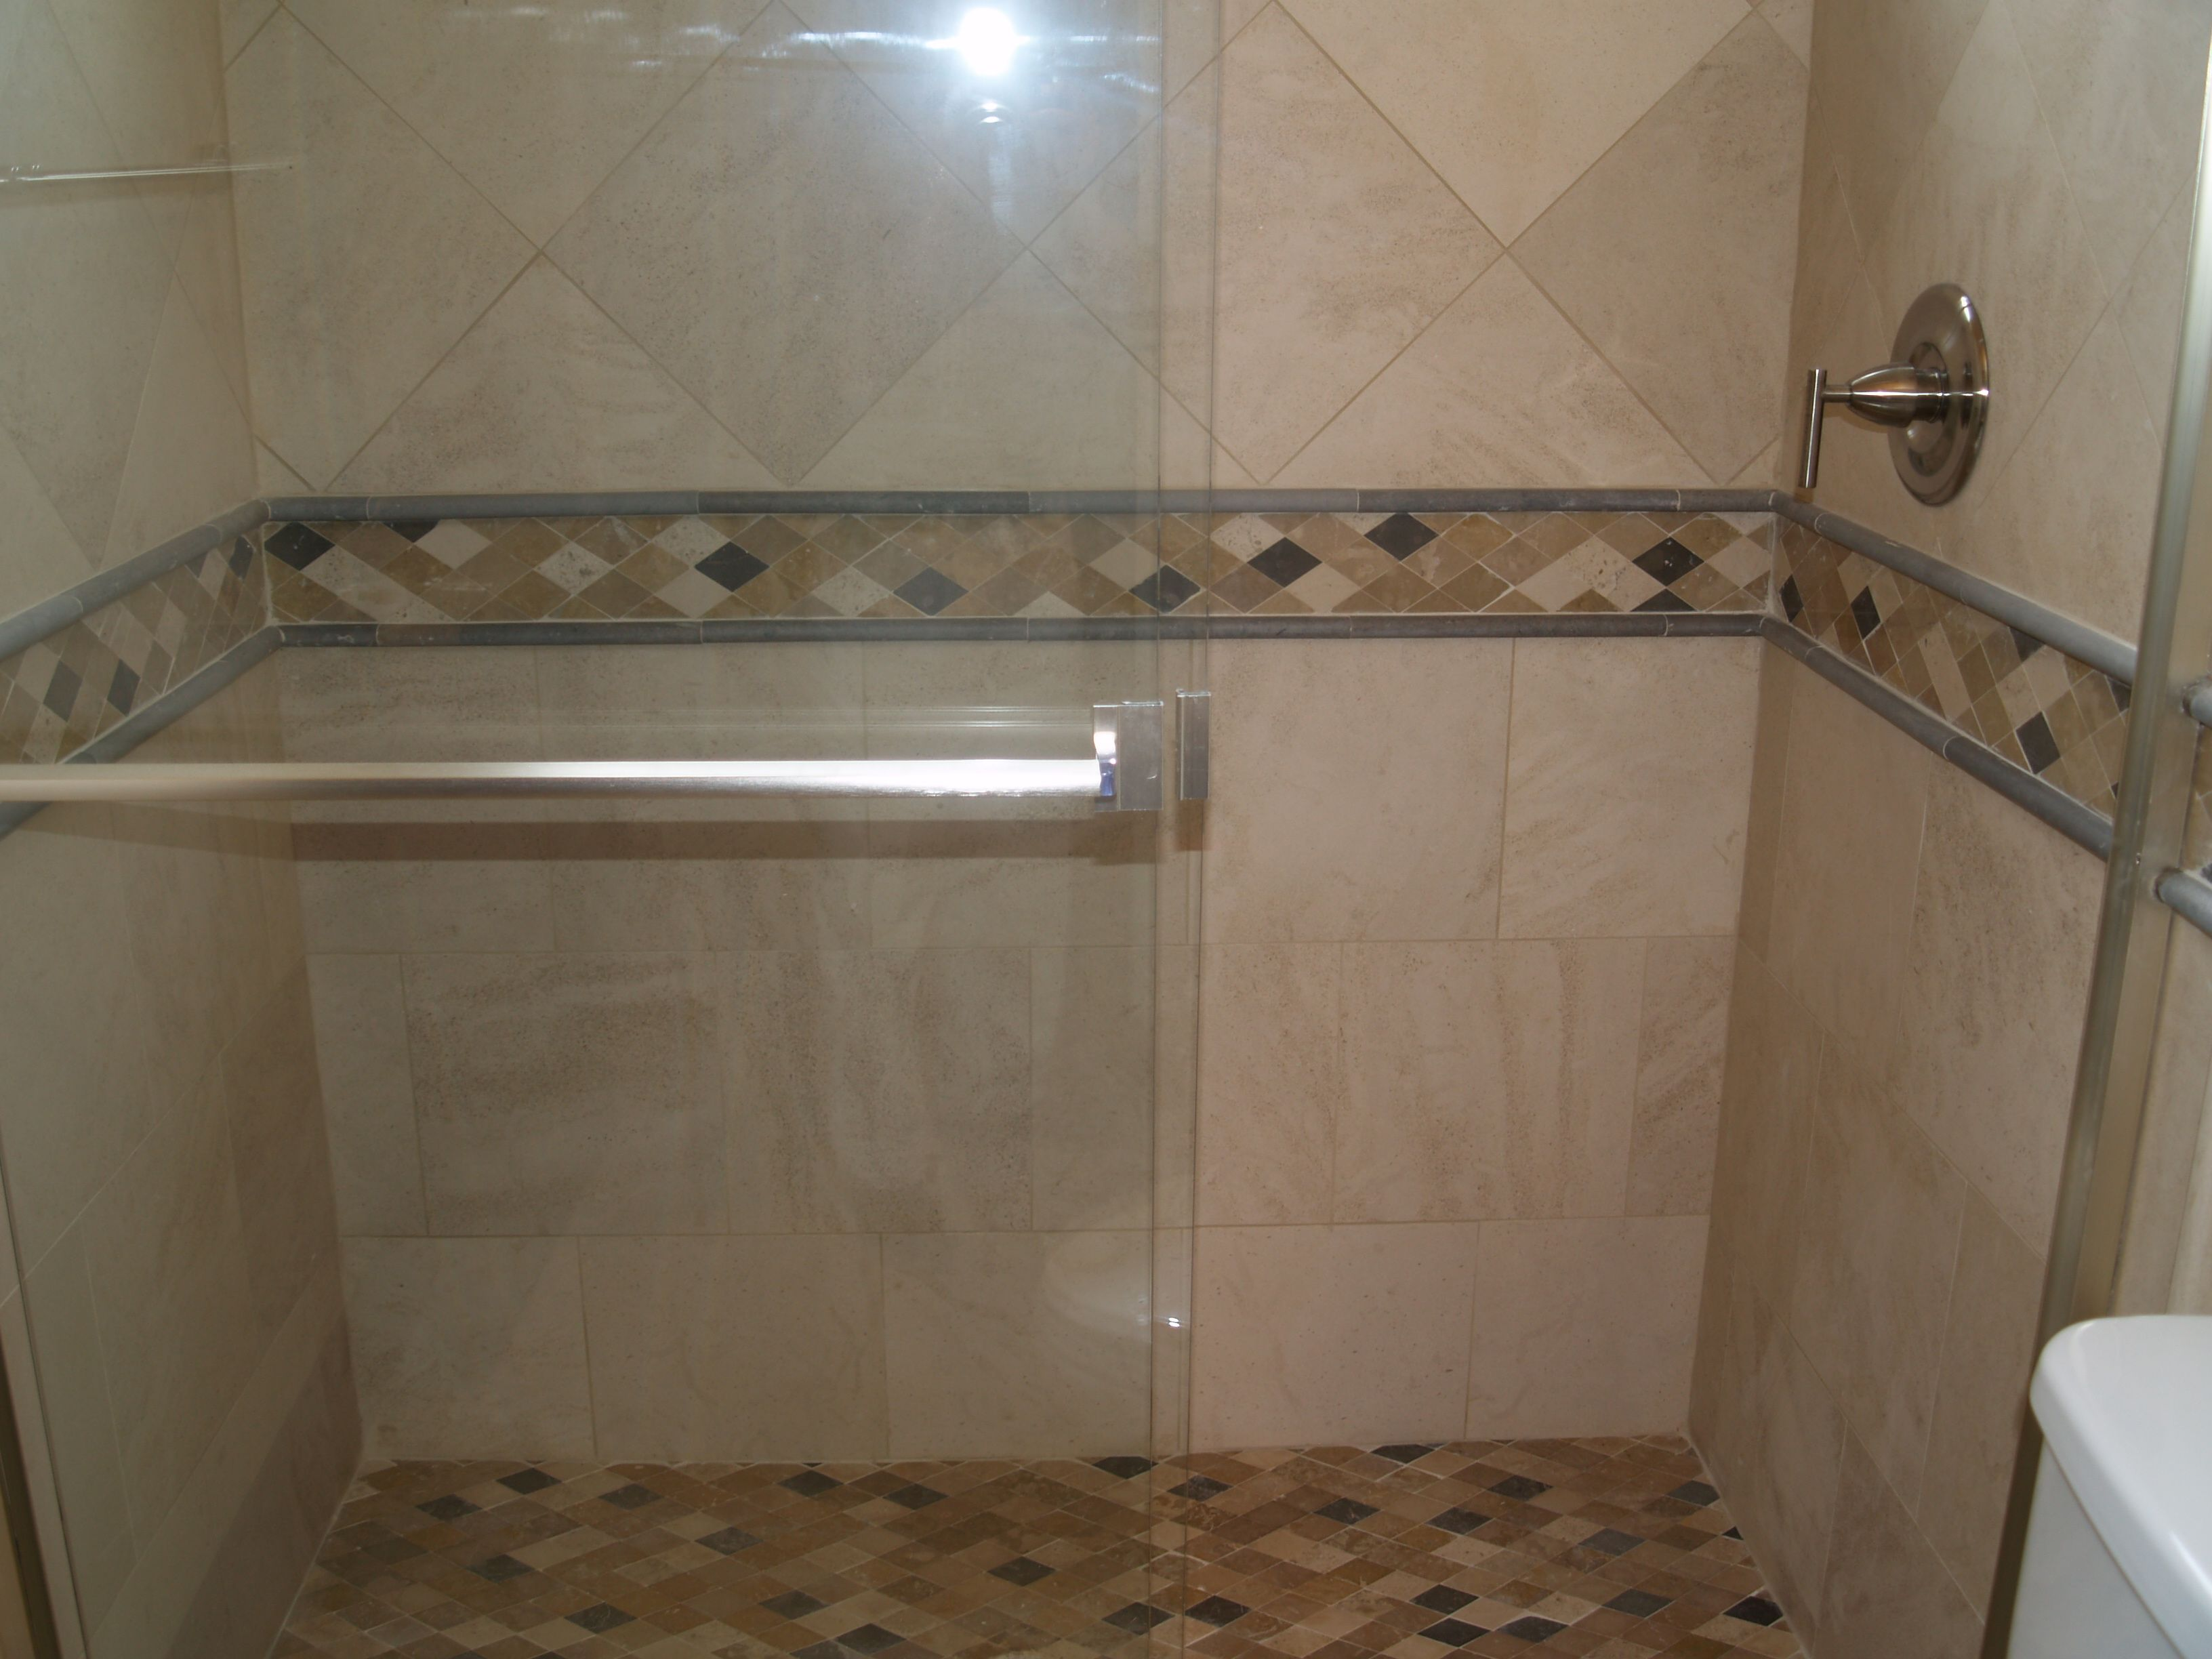 bath shower tile ideas zamp co bath shower tile ideas 1000 images about bathroom tile ideas on pinterest tiles for bathrooms tile